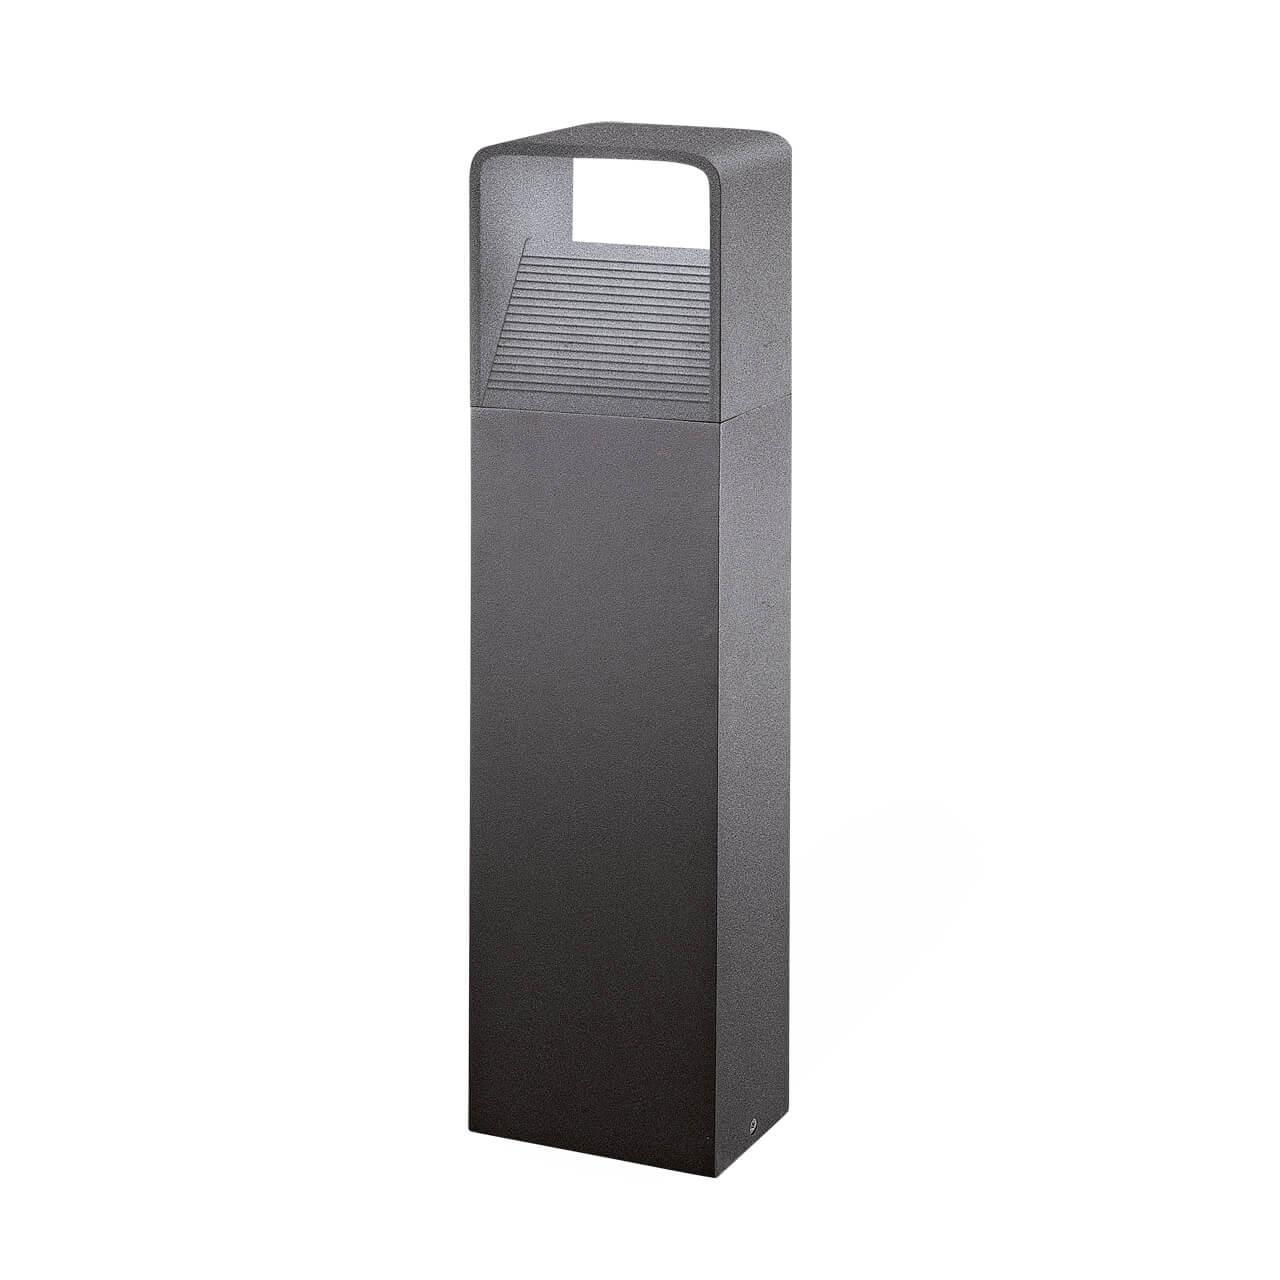 Уличный светодиодный светильник Doninni черного цвета